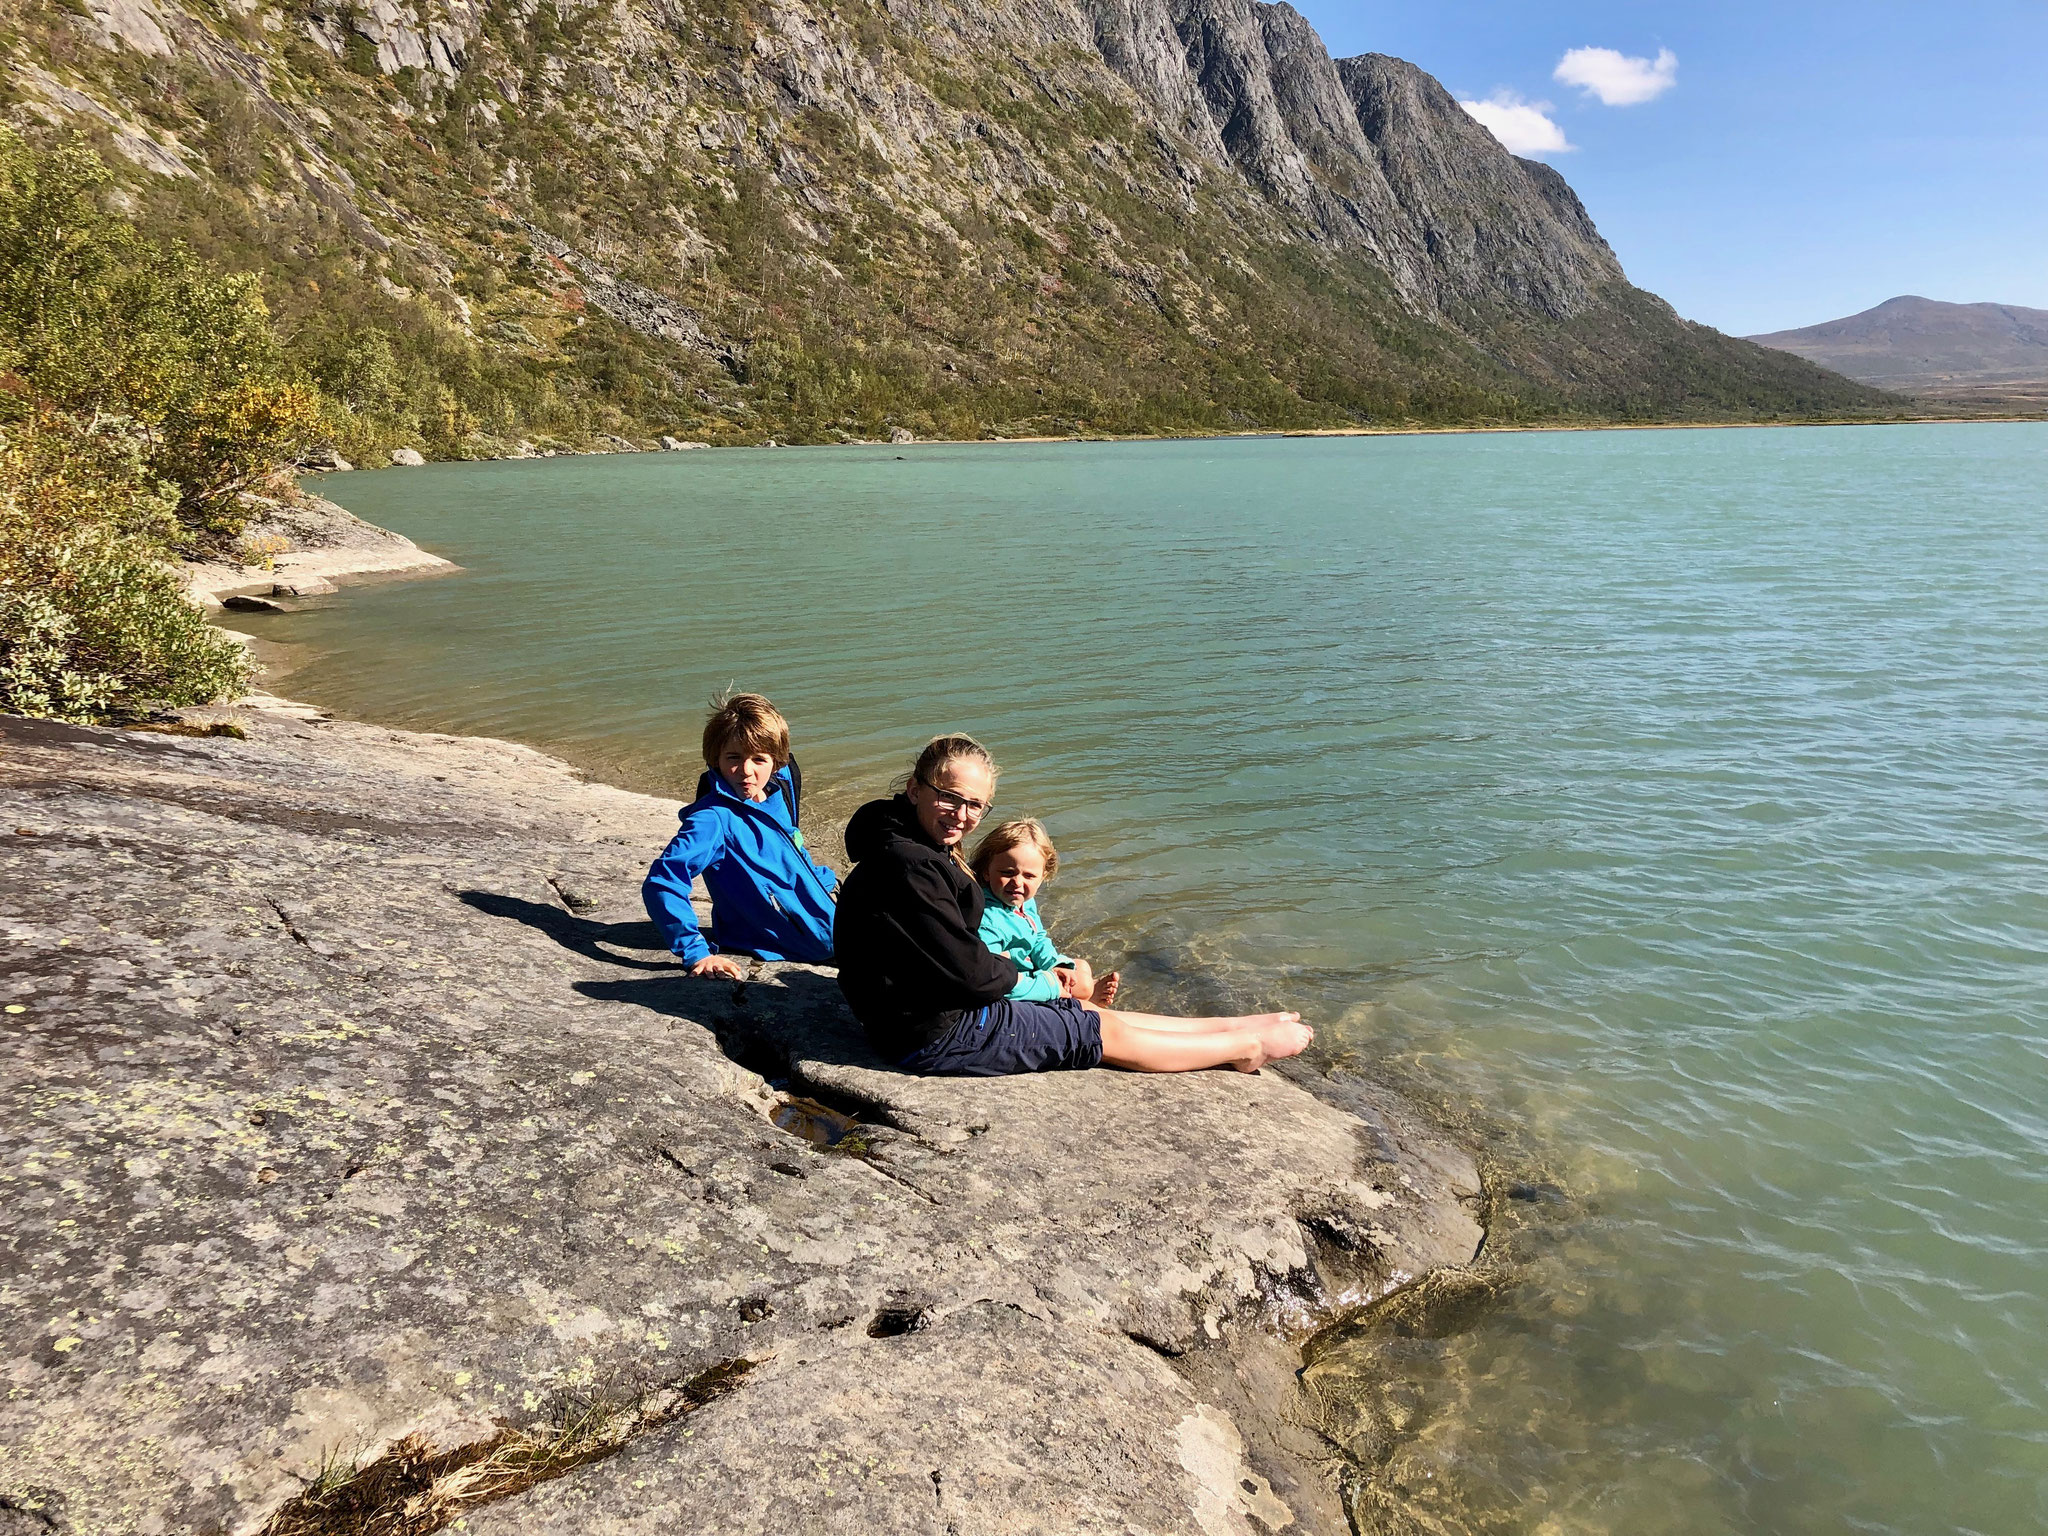 Es war ein super warmer Tag aber das Wasser war sehr kalt.